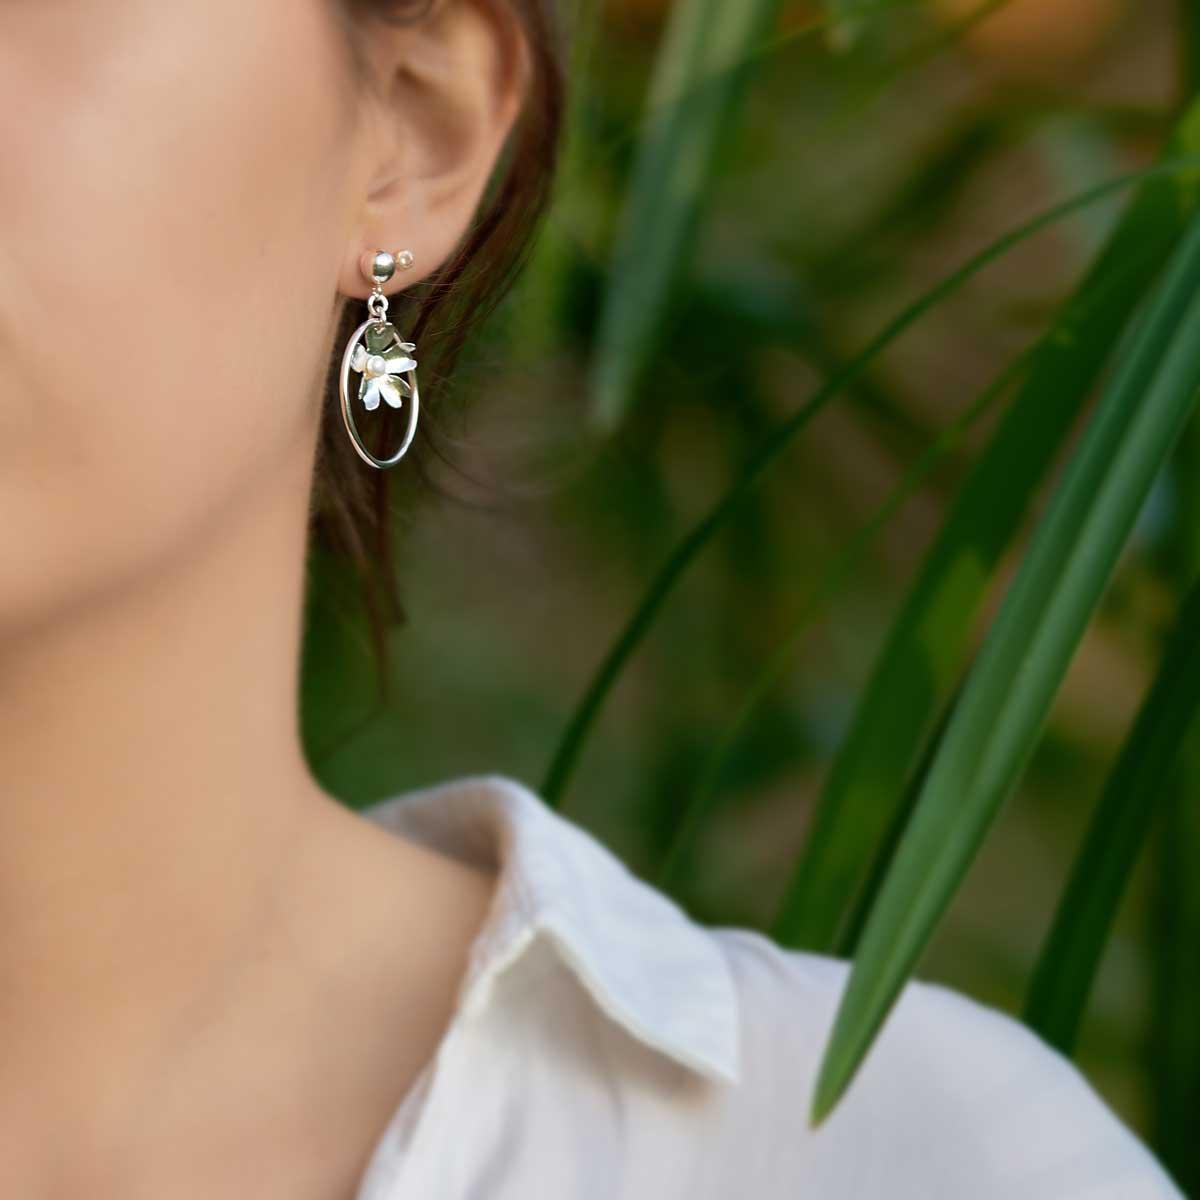 Pendientes de diseño modelo Ruliña, joyería de diseño en plata con perla natural, Joyas Siliva